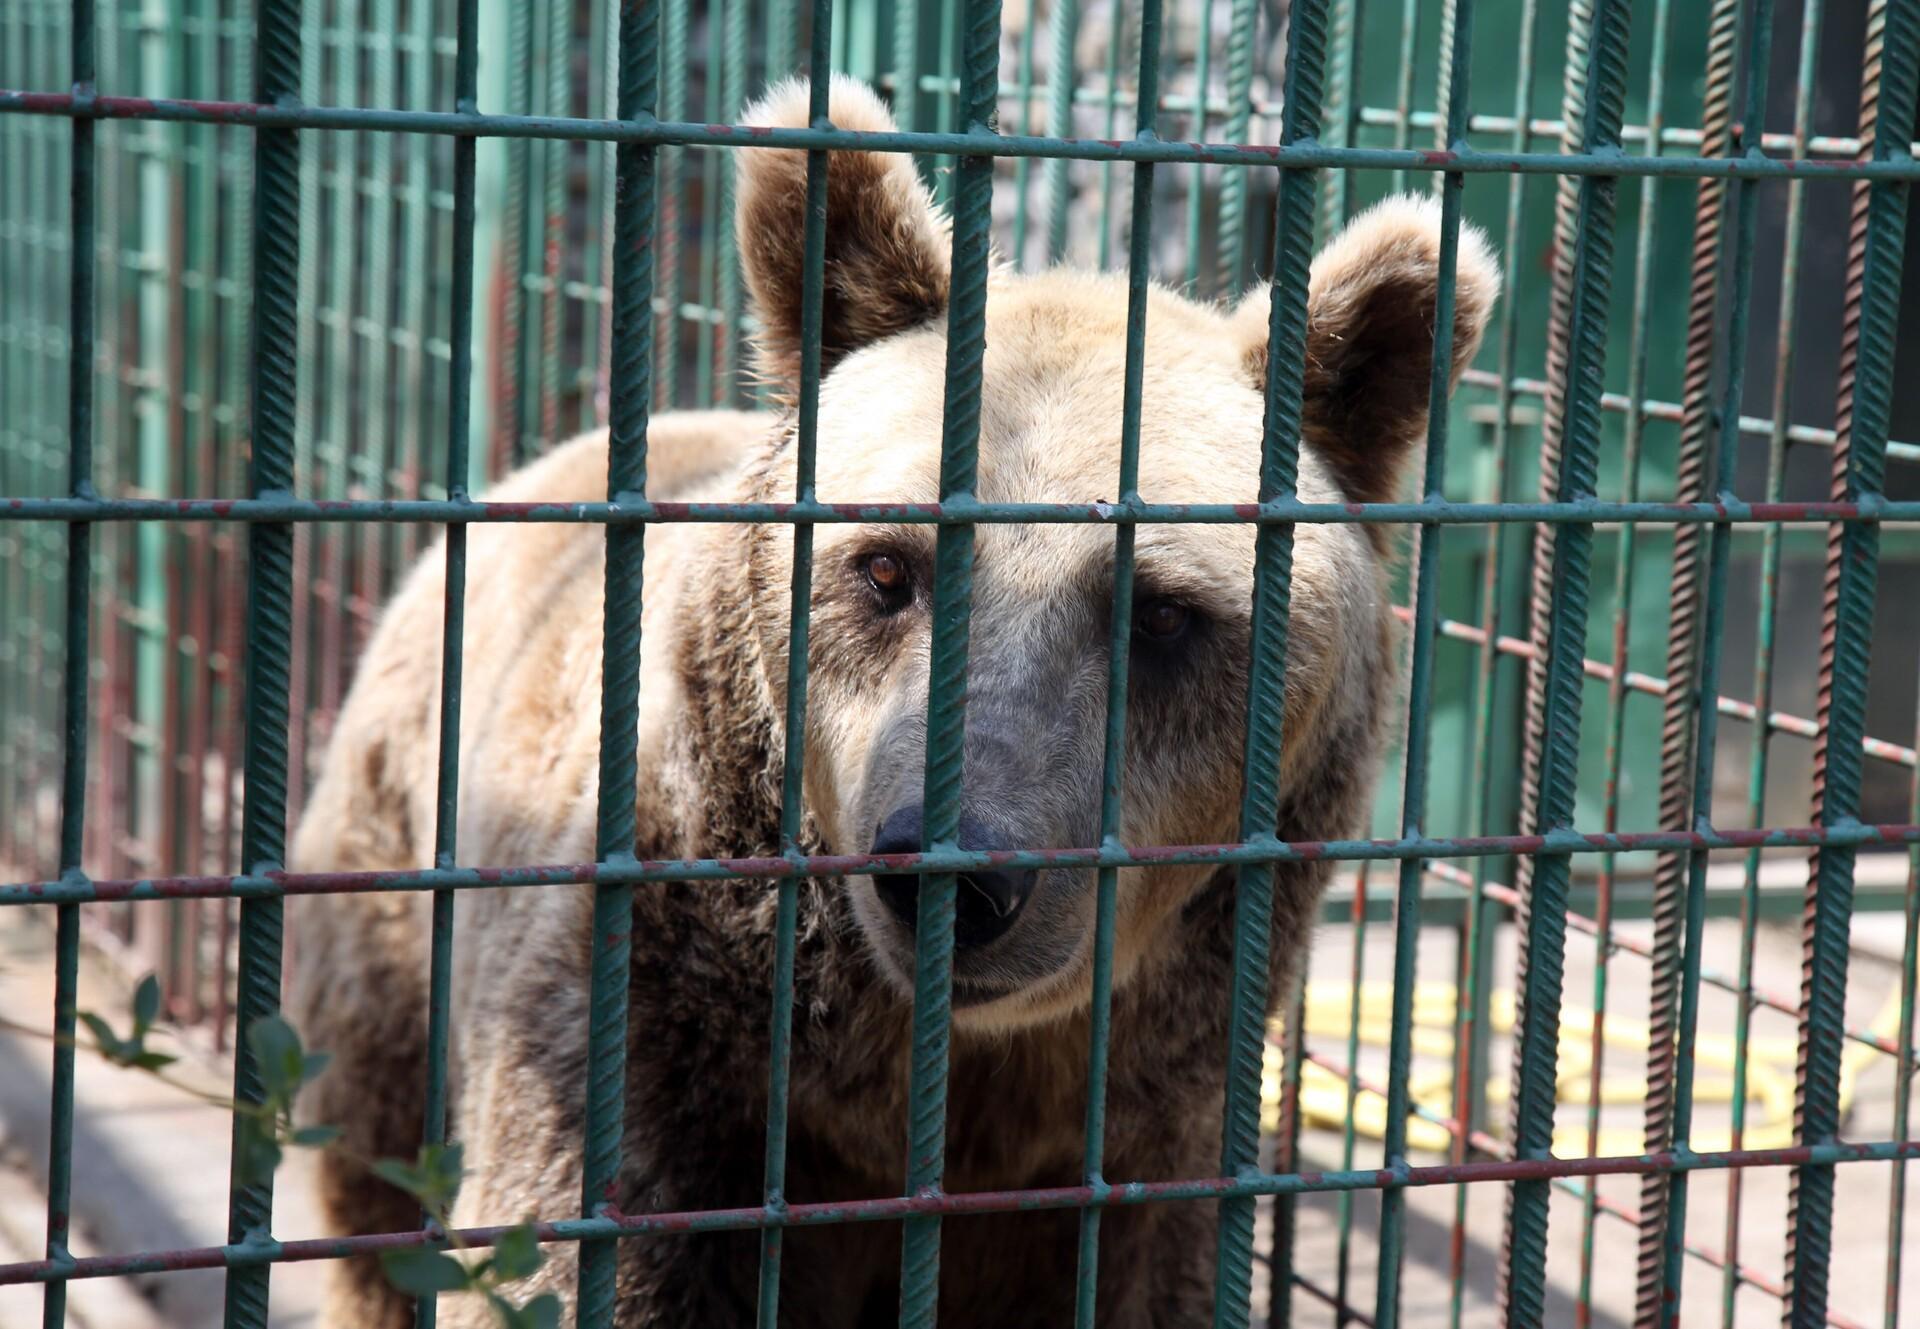 Braunbär Bruno in Käfig in Kroatien